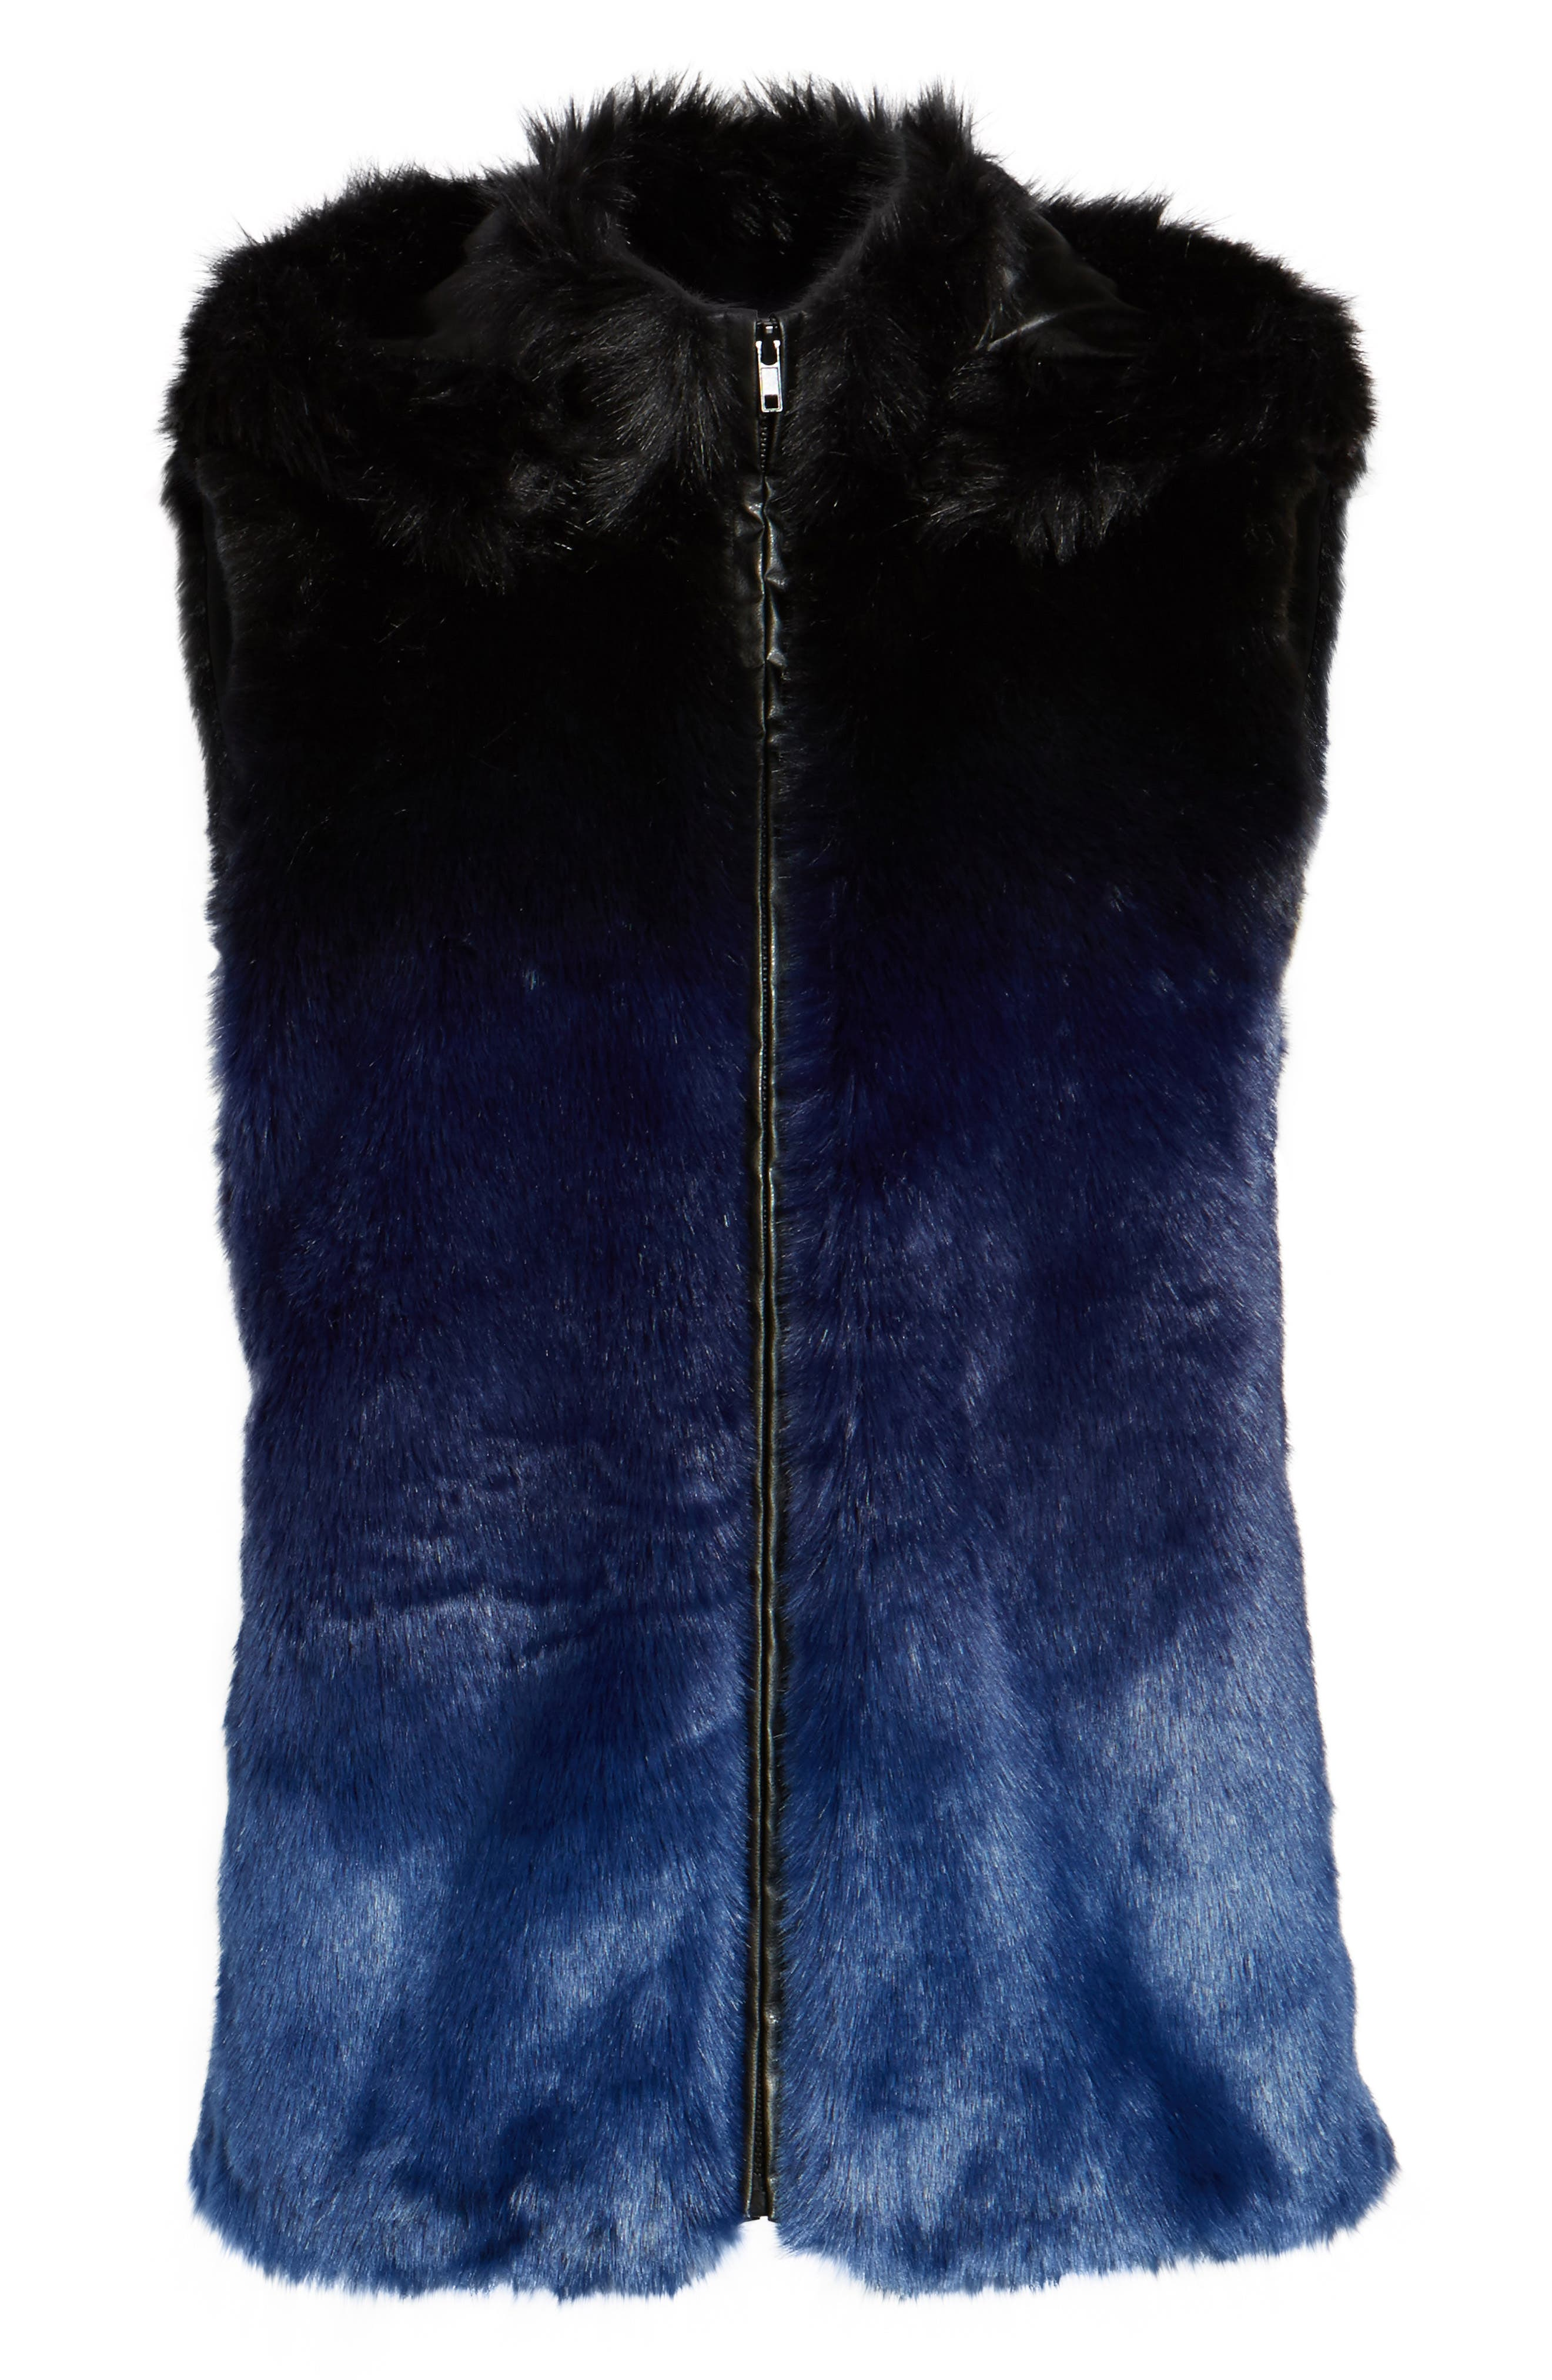 Ryan Ombré Faux Fur Hooded Vest,                             Alternate thumbnail 6, color,                             Blue